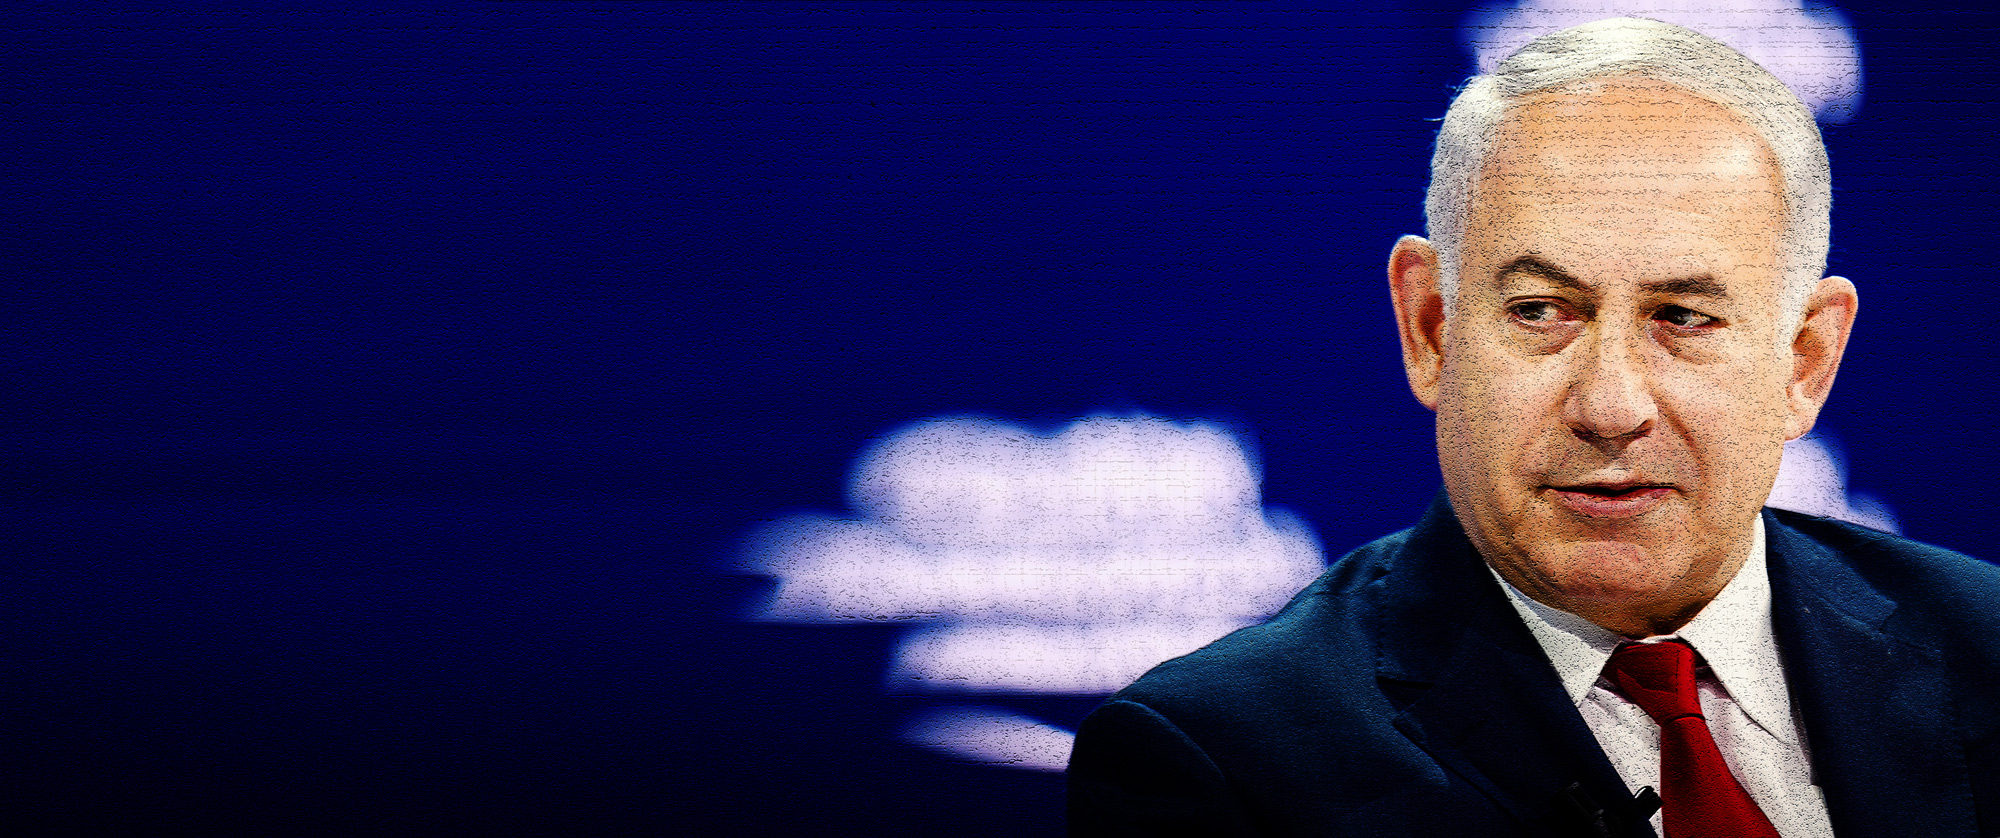 Benjamin Netanjahu wird wegen Korruption und Bestechung angeklagt <br>  <span id='sec-title'>Drei Fälle werden zur Anklage gebracht</span>